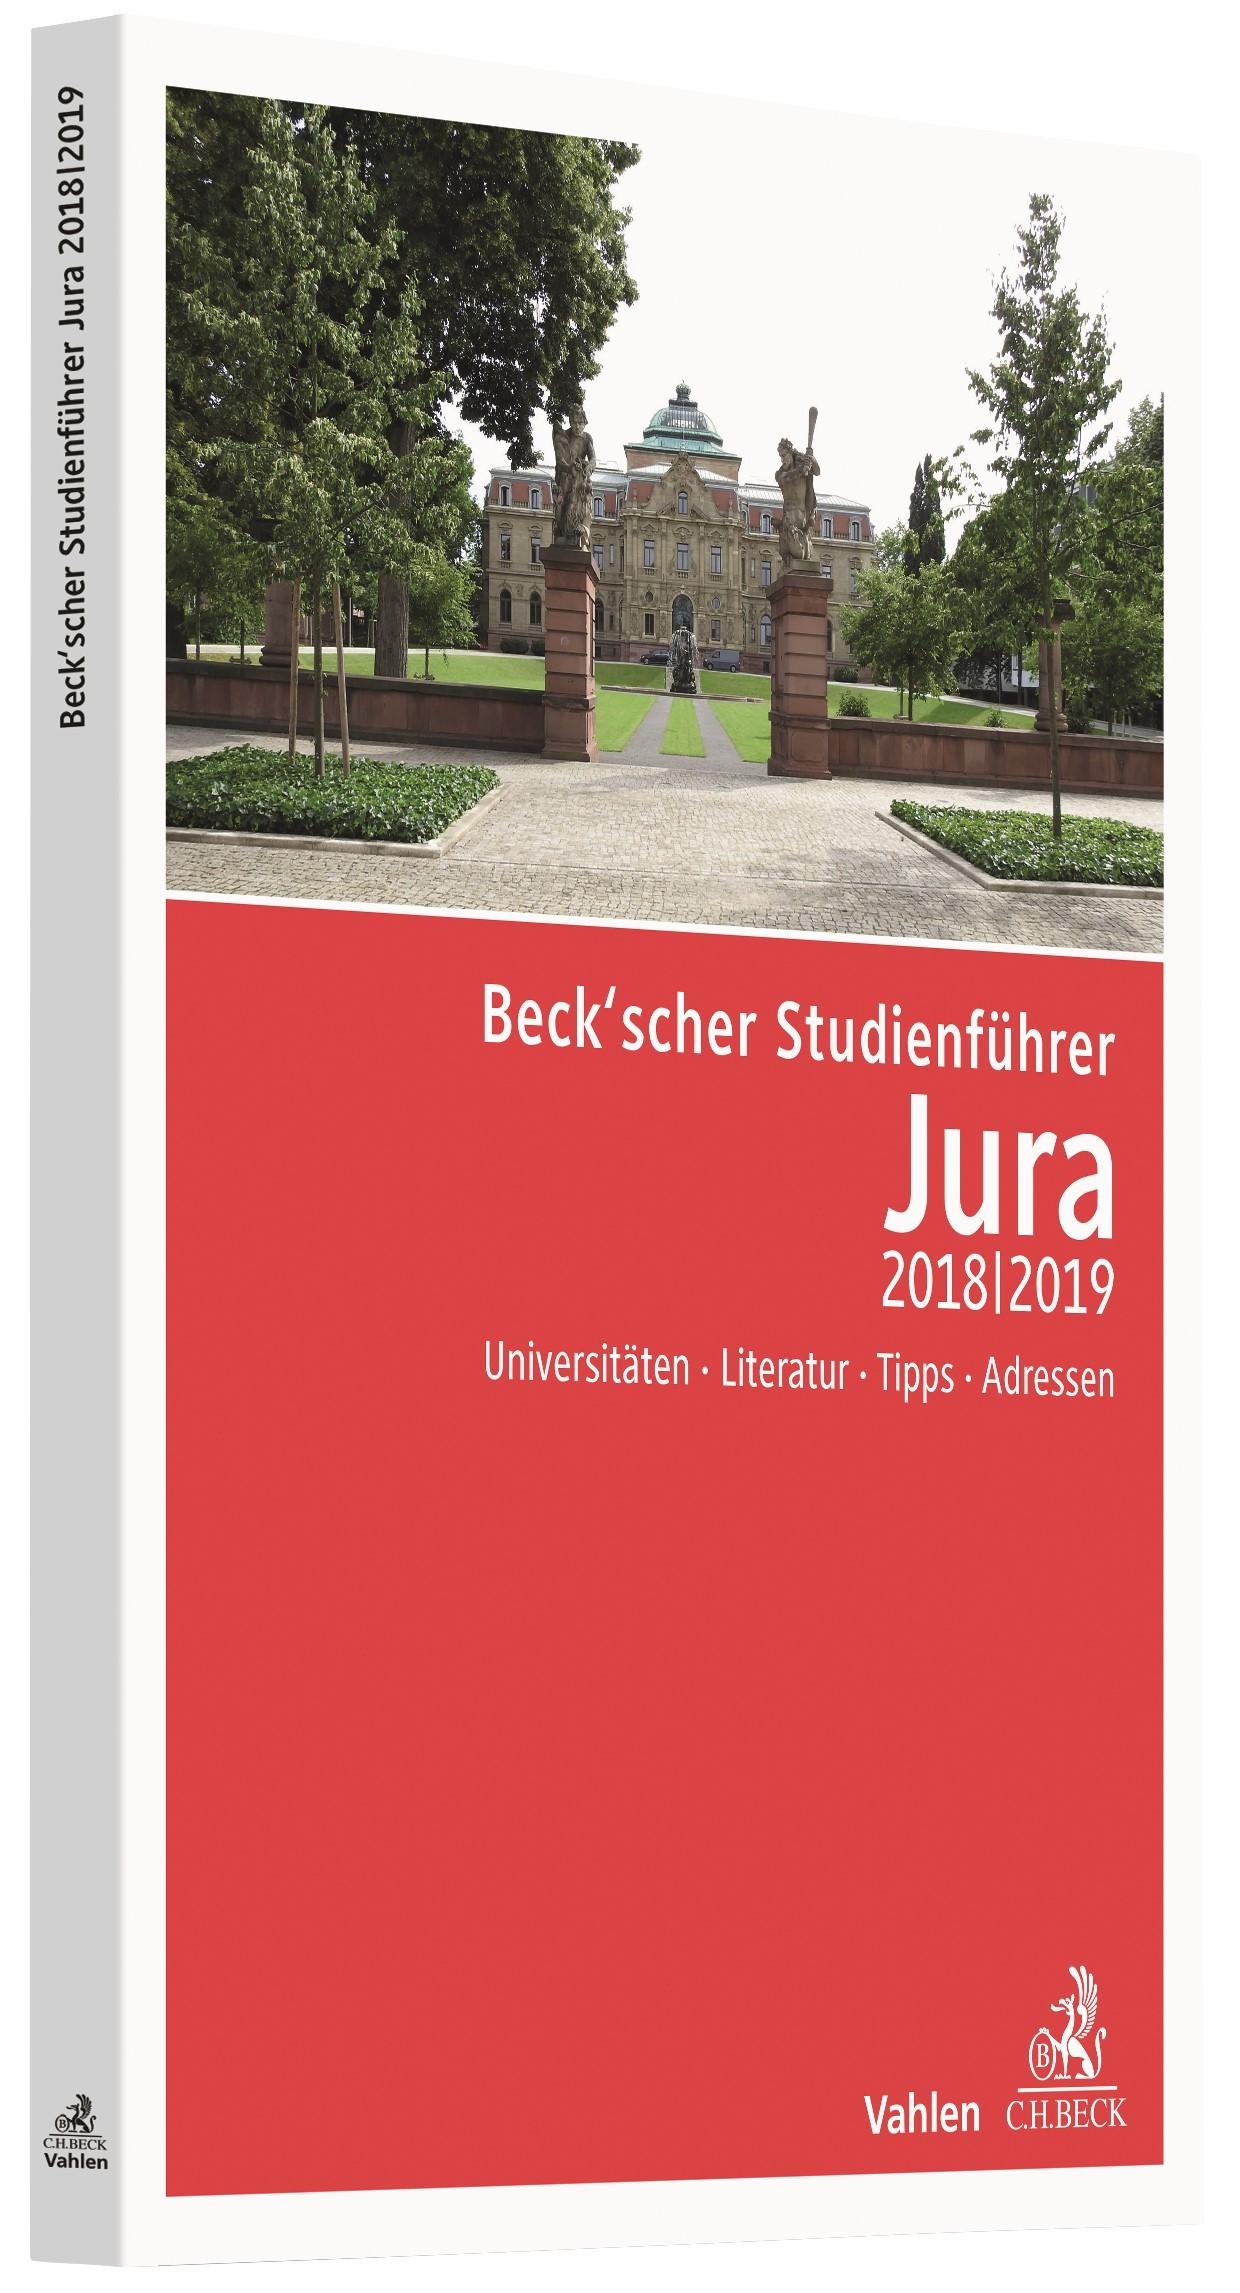 Beck'scher Studienführer Jura Wintersemester 2018/2019, 2018 | Buch (Cover)